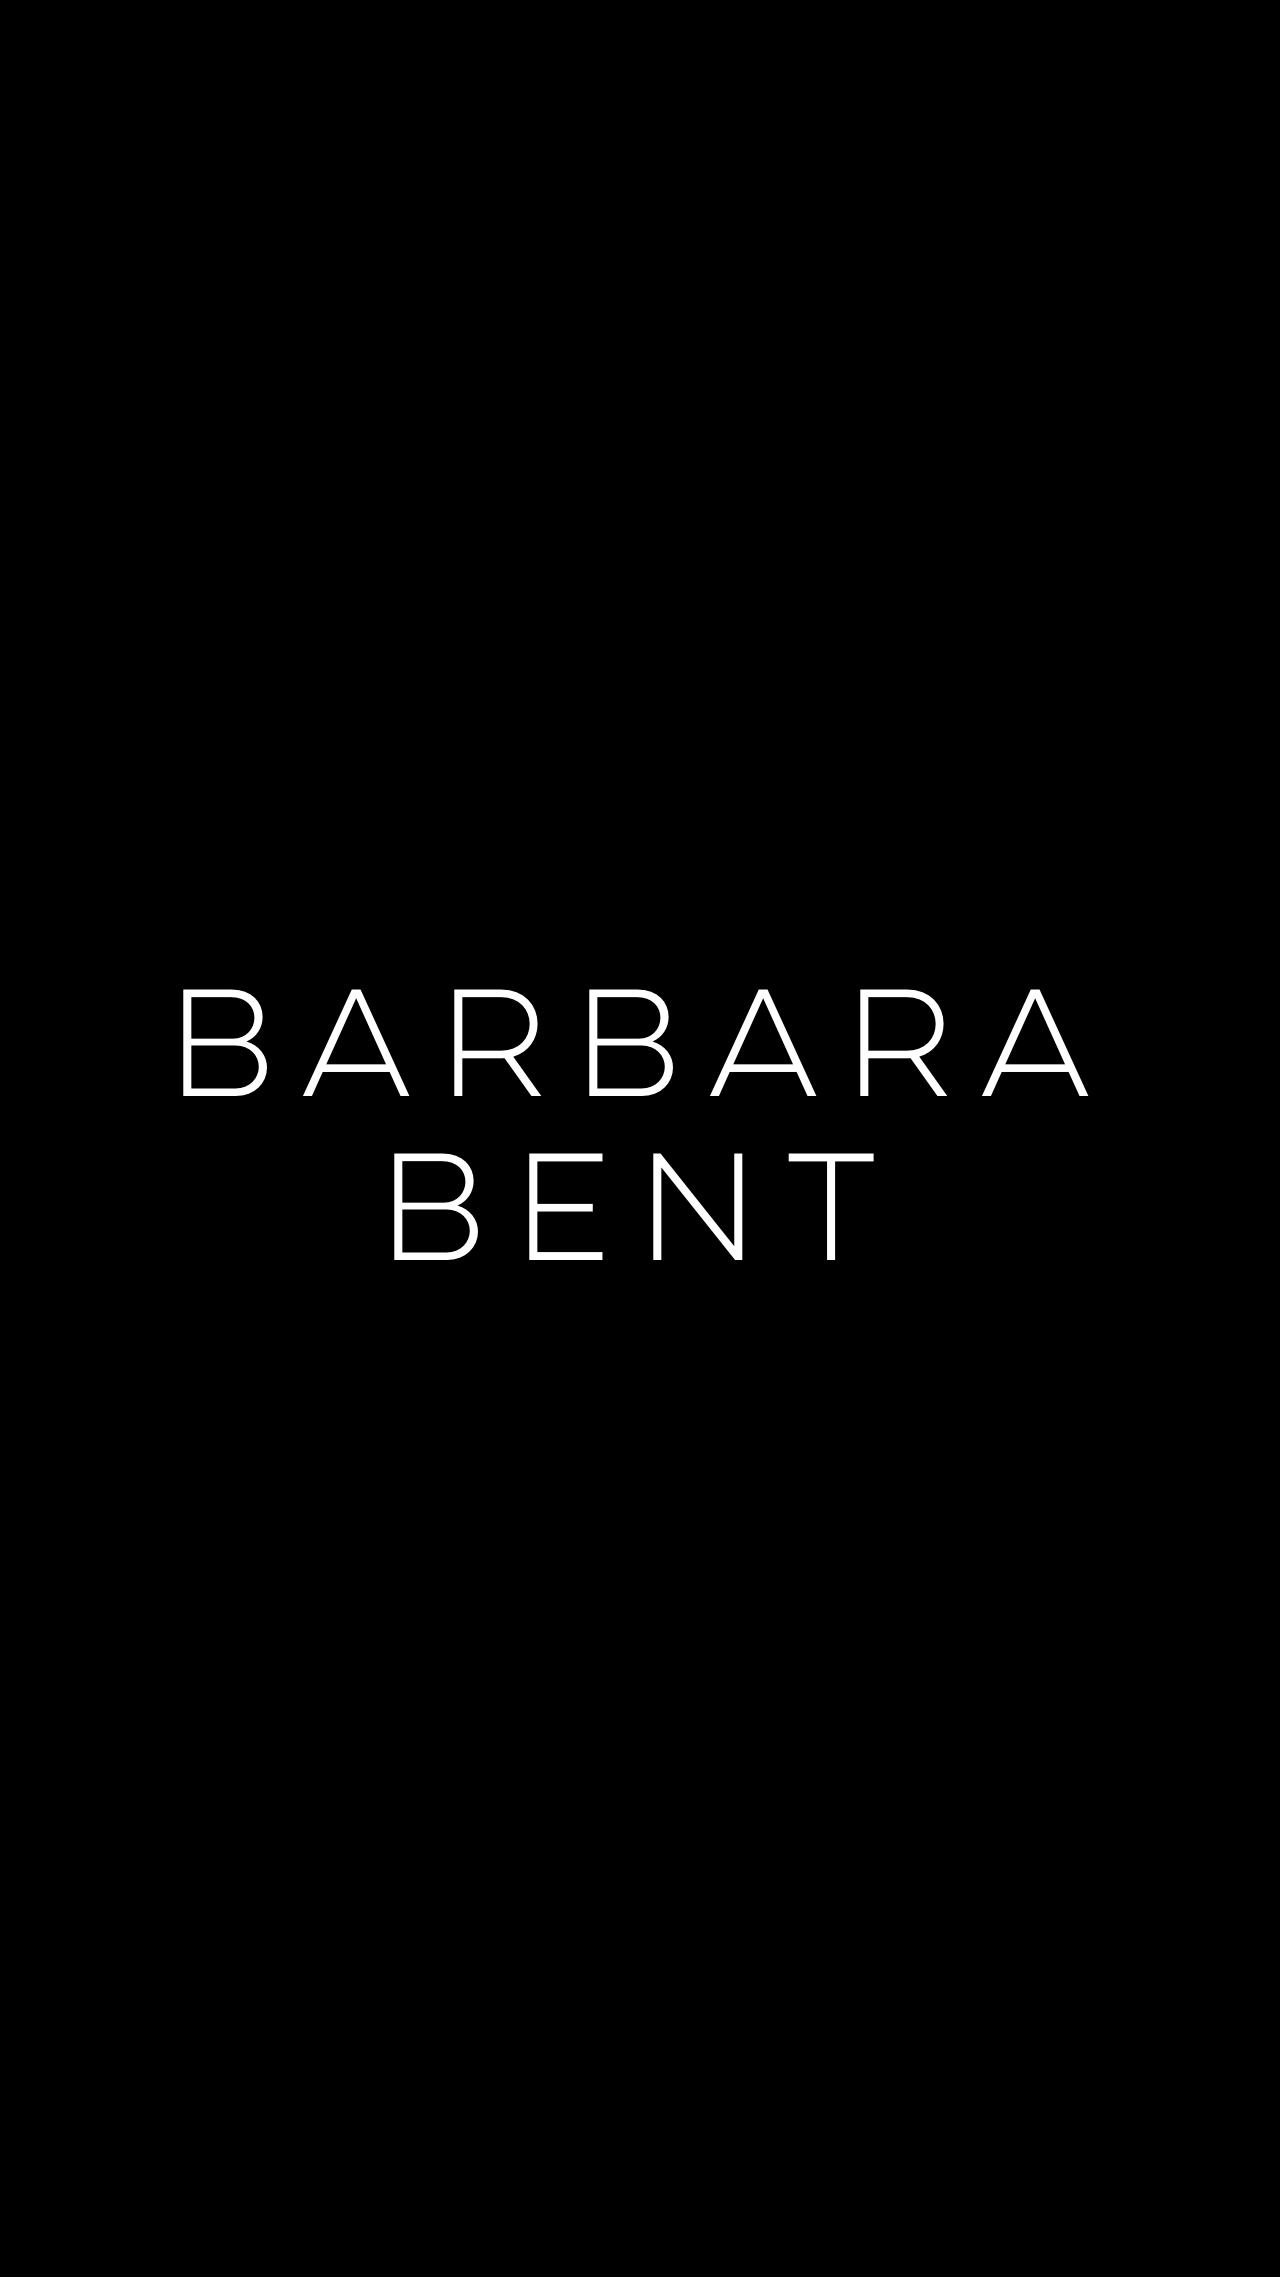 BARBARA BENT.jpg